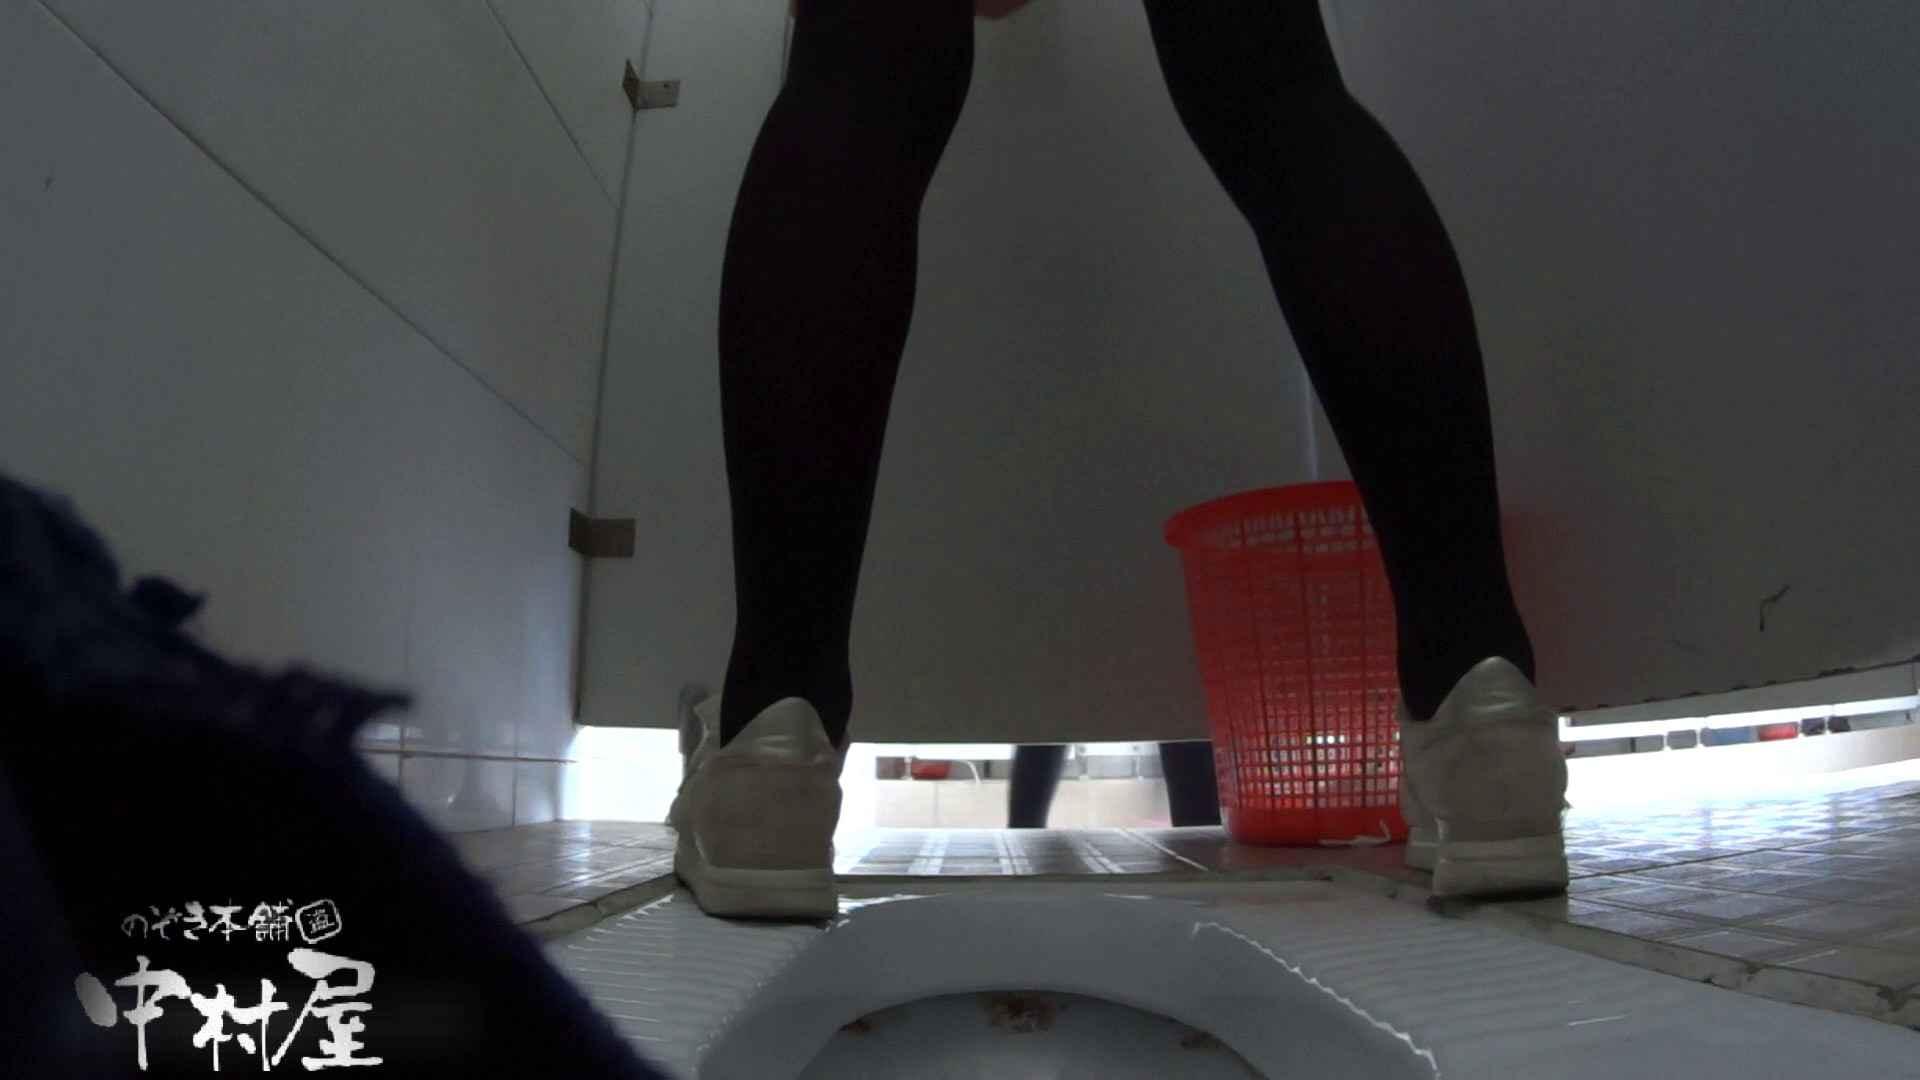 めくれ上がる陰部からの大聖水!大学休憩時間の洗面所事情27 超エロお姉さん 隠し撮りオマンコ動画紹介 77枚 63